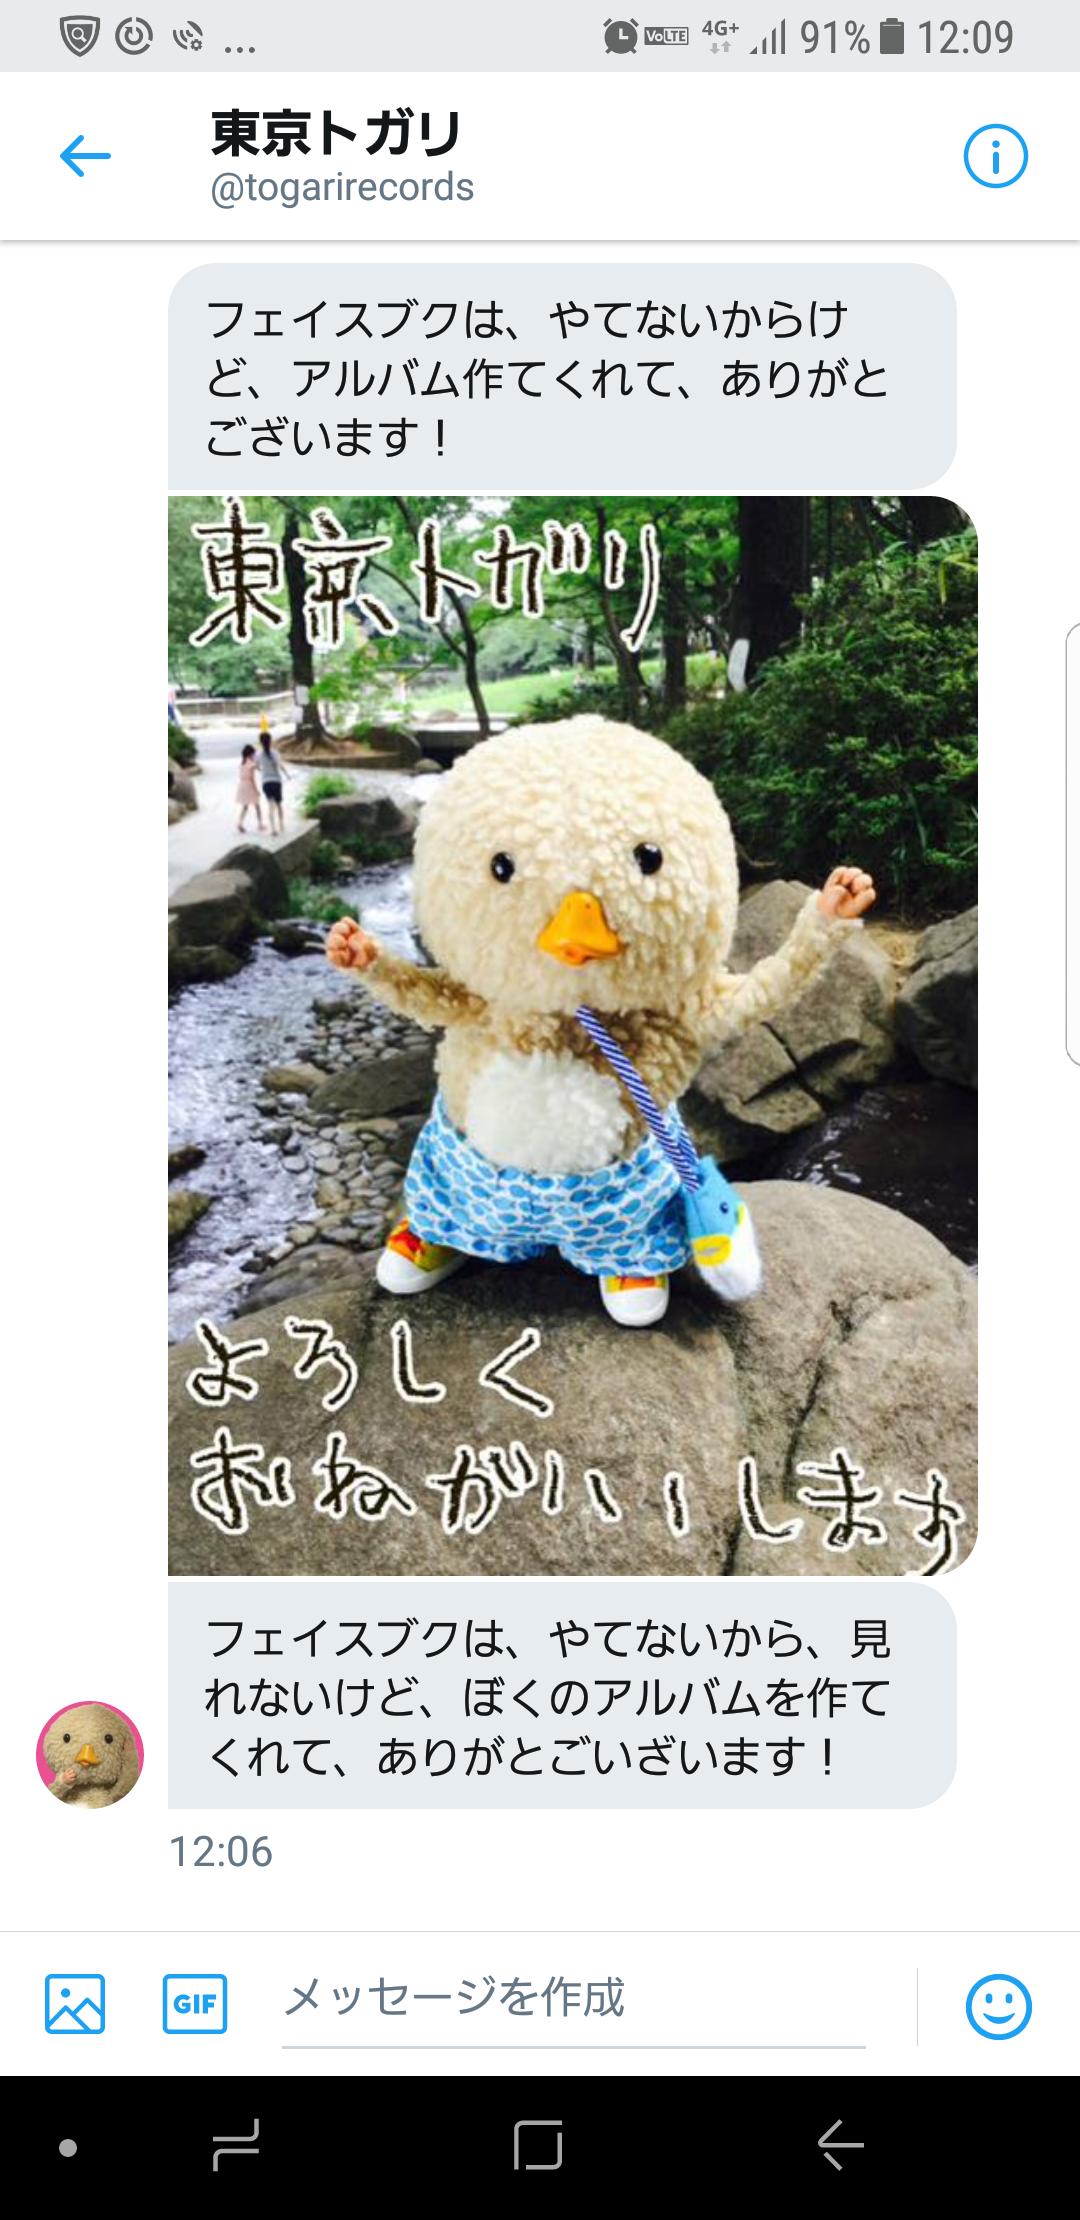 東京トガリくんからのTwitterの返事,ツイート返信,DM返信